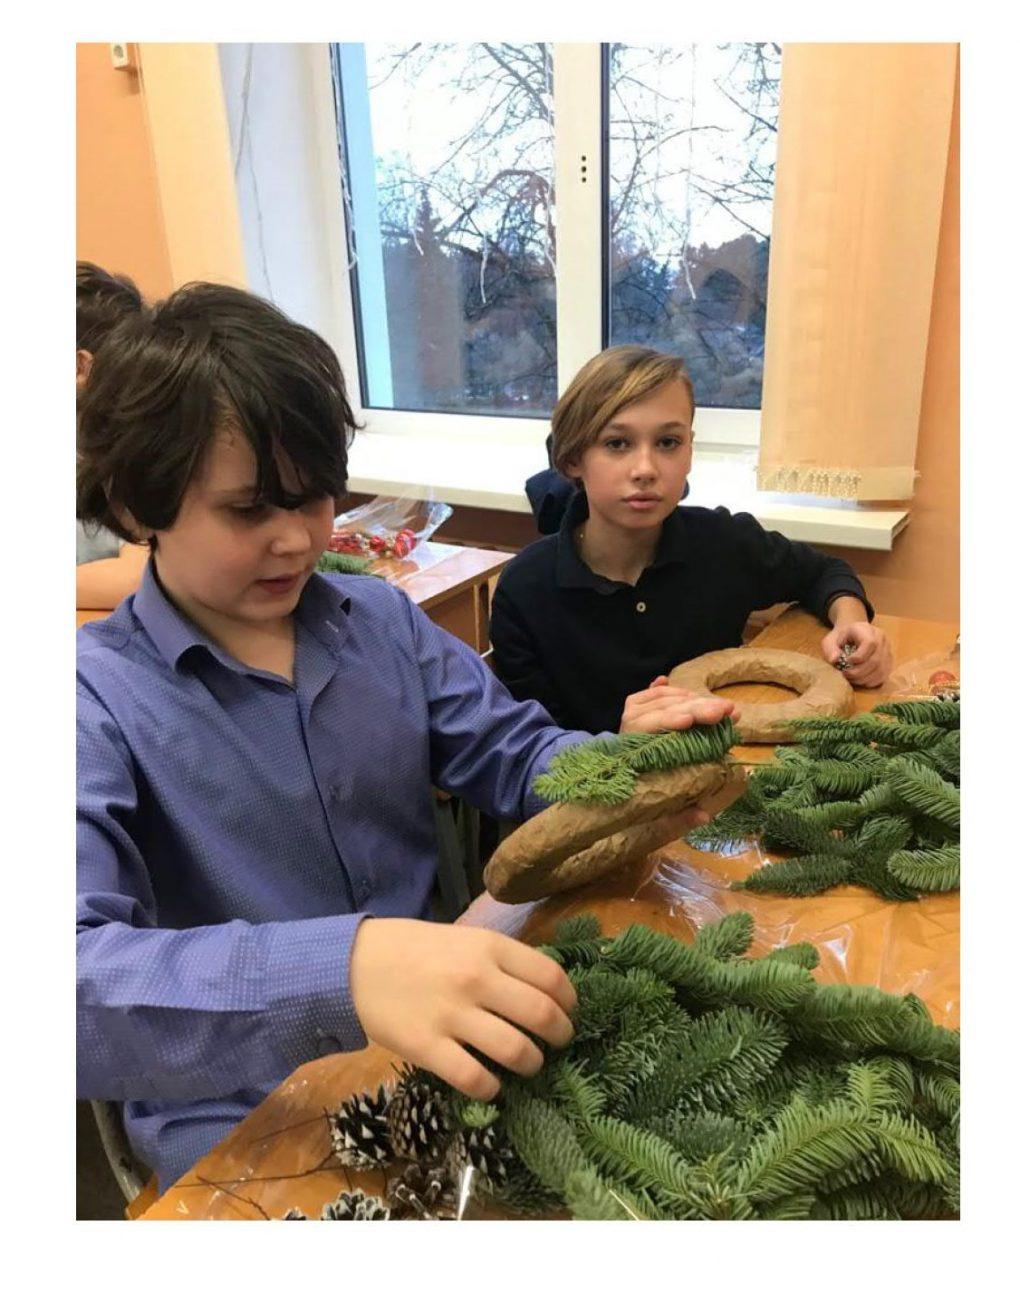 Накануне Новогодних праздников в школе прошел мастер-класс по изготовлению праздничного венка._2